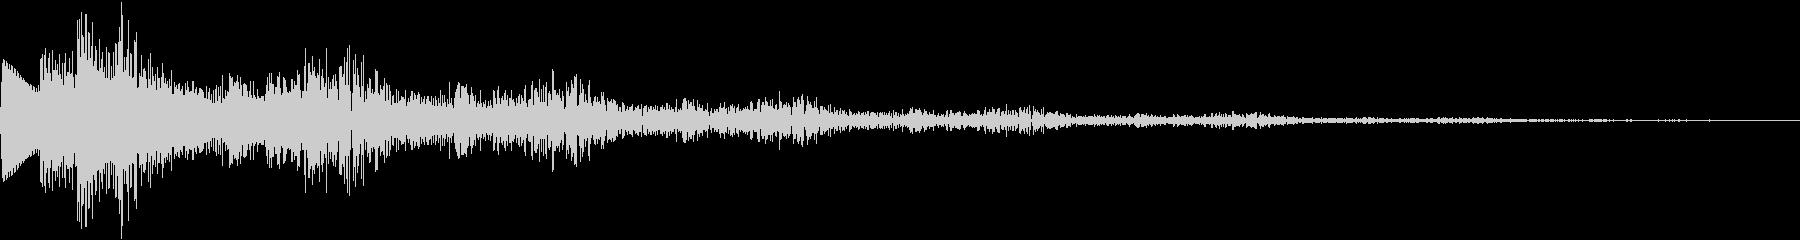 決定音/ボタン/システム/シンプル A4の未再生の波形